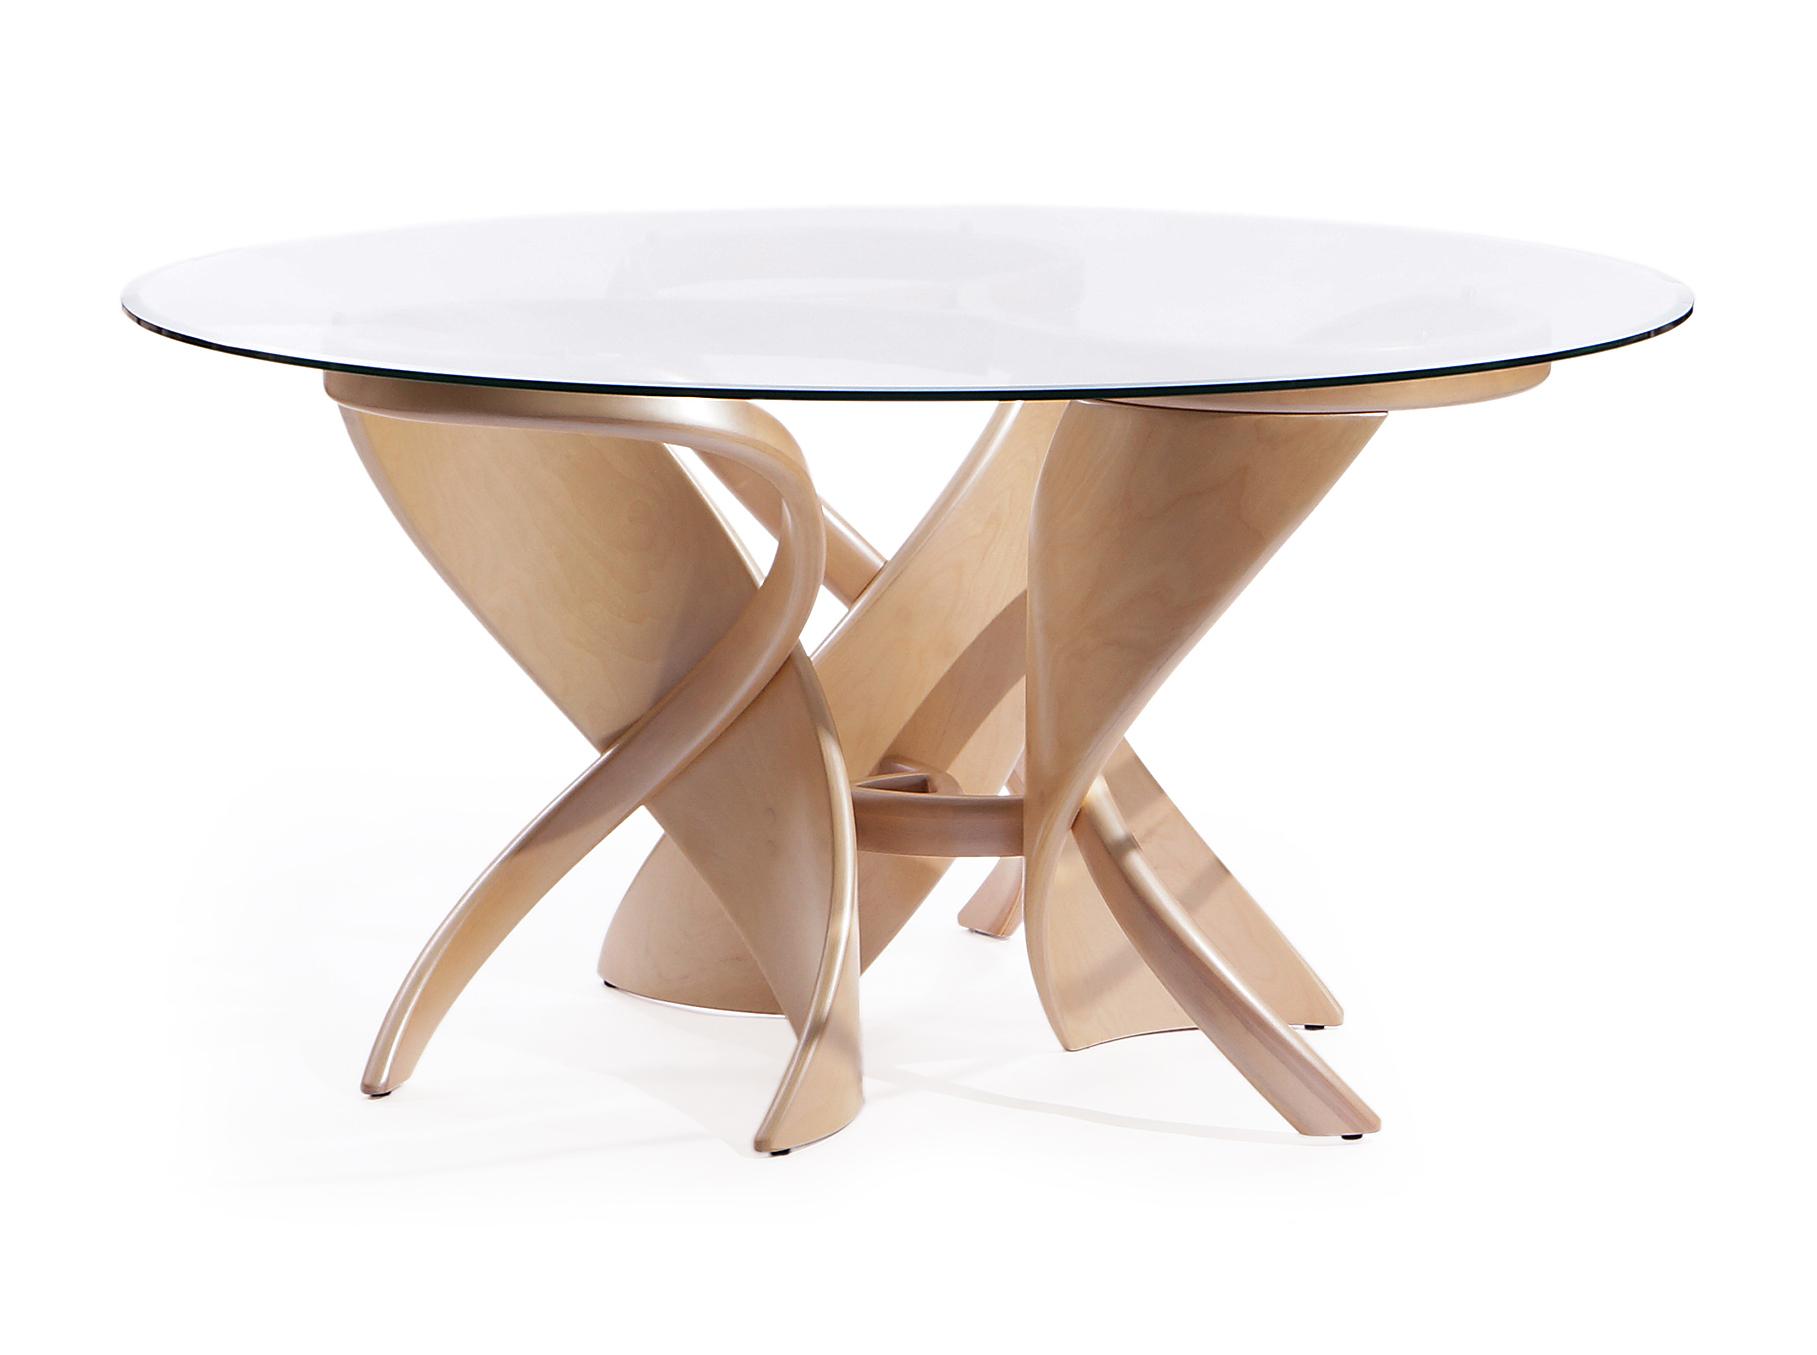 """Стол обеденный """"Virtuos-K""""Обеденные столы<br>Обеденный стол """"Virtuos-K"""" отличает от других круглая столешница из цельного листа стекла и оригинальная ножка-подставка, размещённая в центре стола. Цвет центральной опоры легко подобрать из множества образцов.<br>Небольшие размеры стола позволяют легко установить его в любой части помещения, а элегантная форма и актуальный дизайн станут украшением любого дома. Этот обеденный стол позволит создать настроение и непринужденную атмосферу.<br><br>Material: Стекло<br>Высота см: 76"""